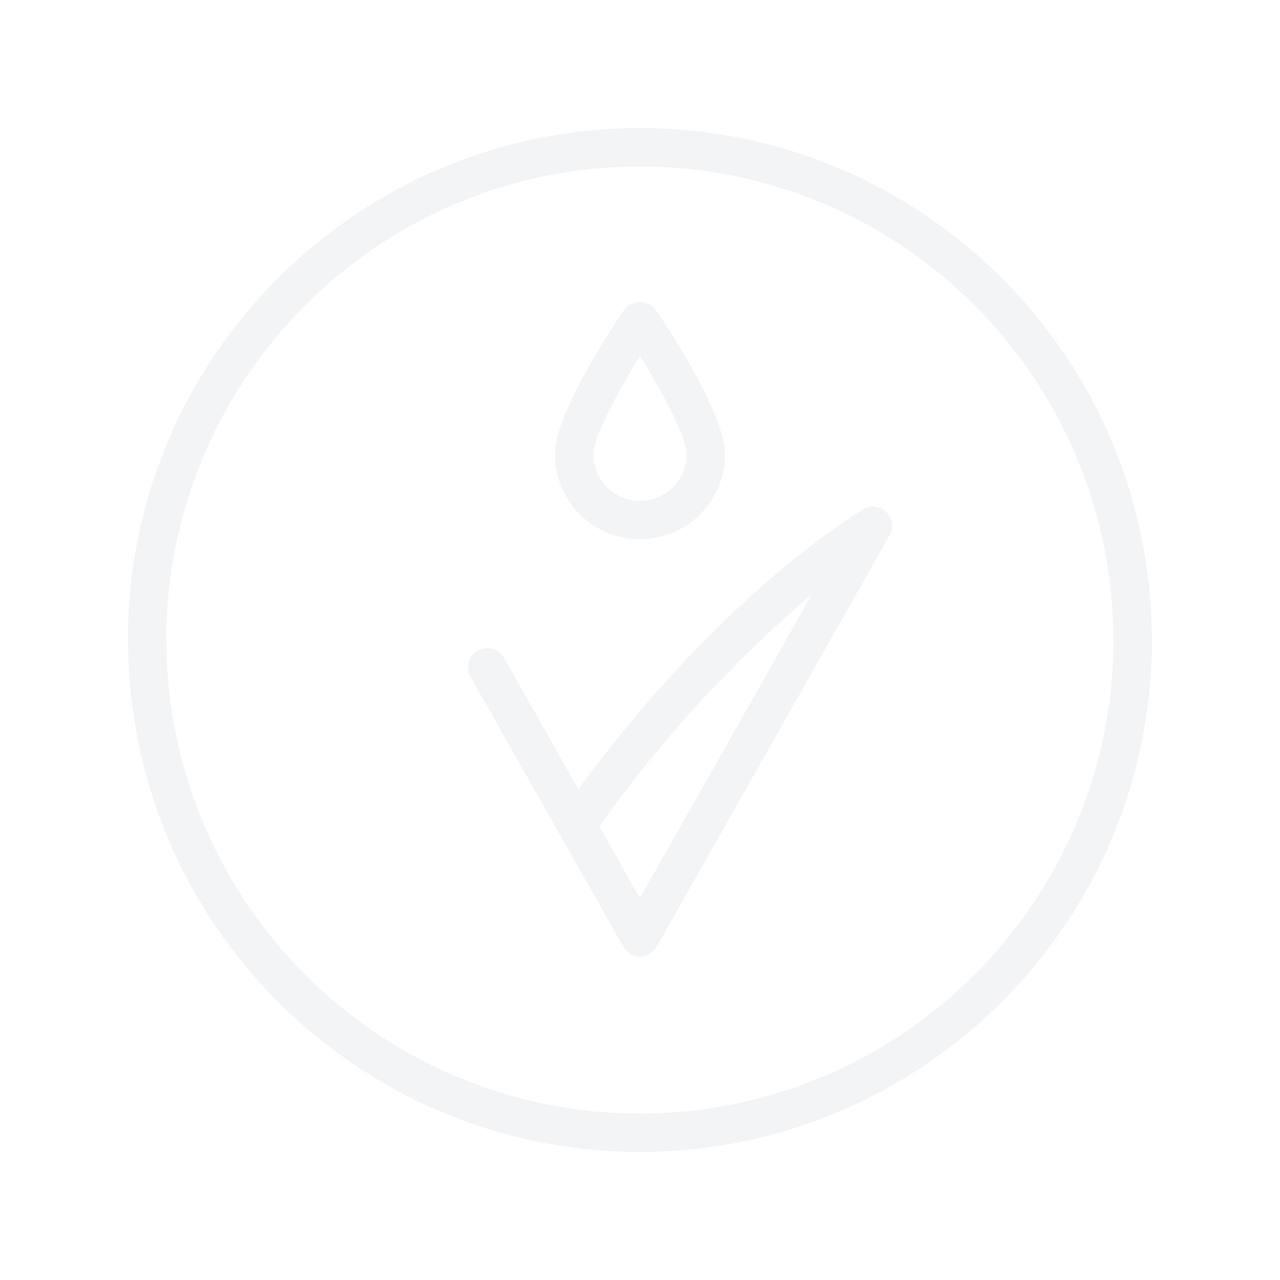 Vendome ParfumLoverte Boucheron Eau De Place 8Nn0vmOw